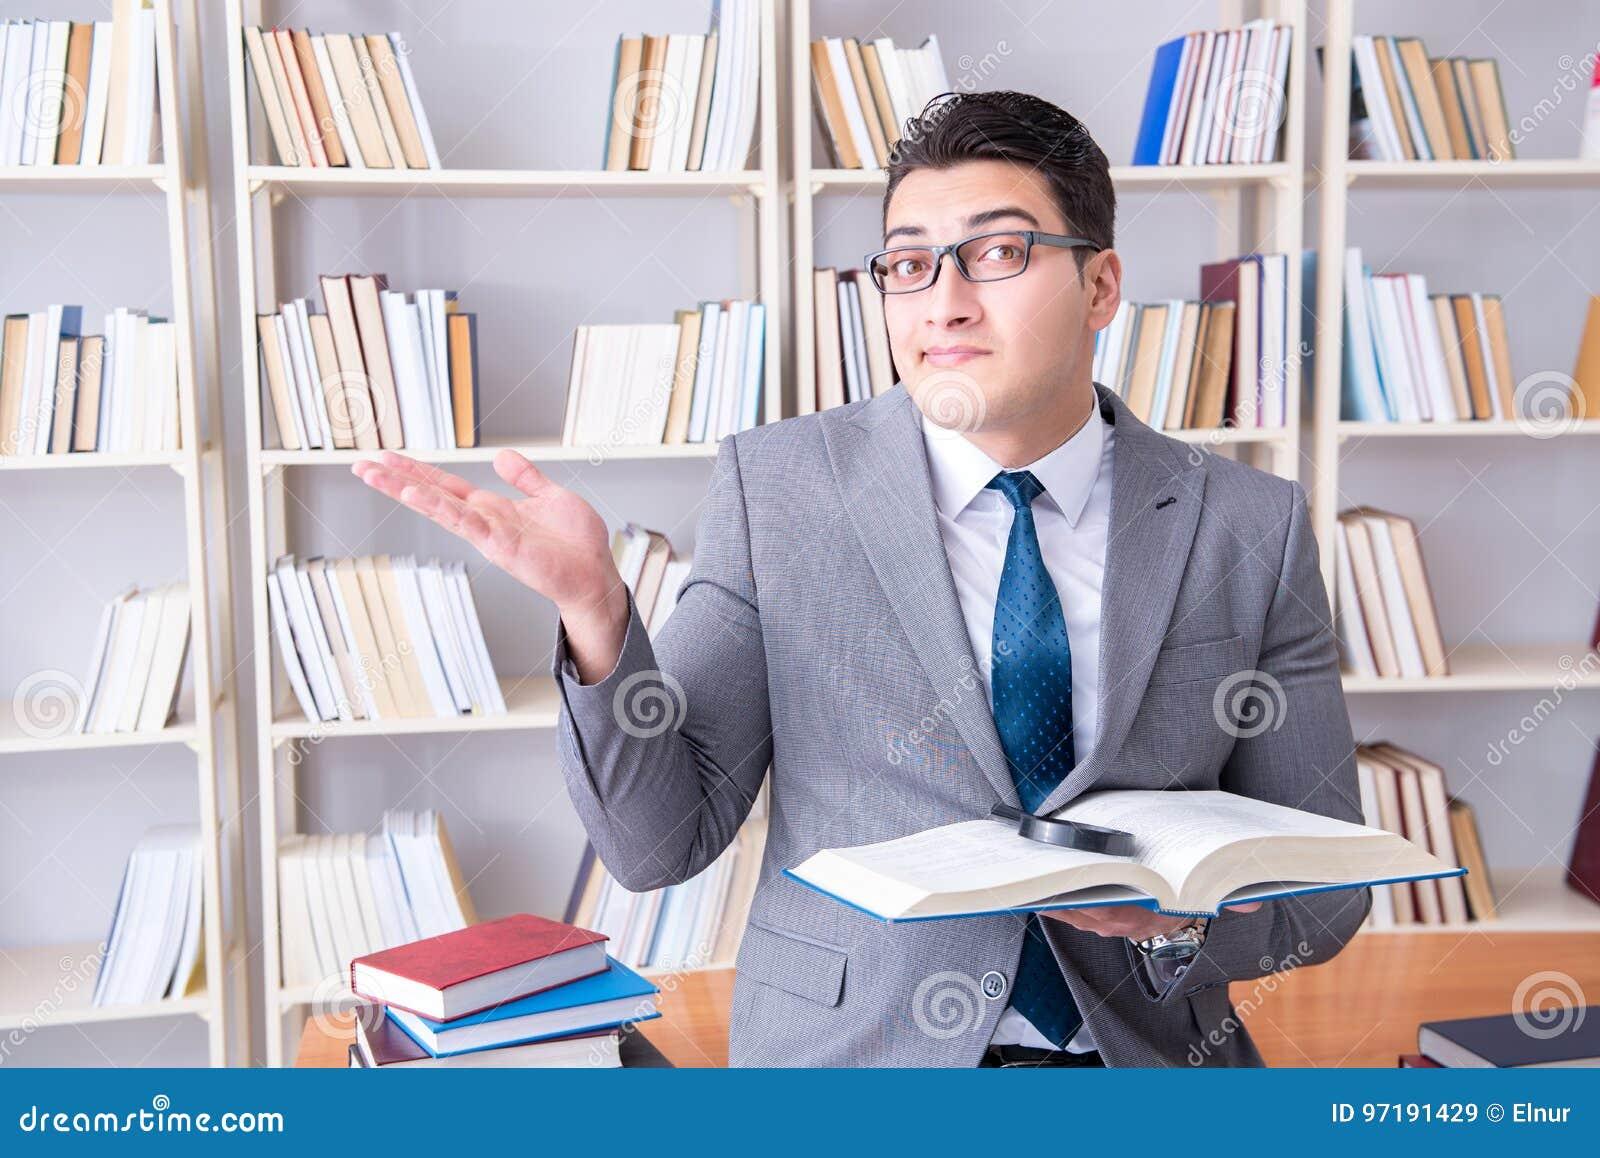 O estudante de direitos comerciais com lupa que lê um livro